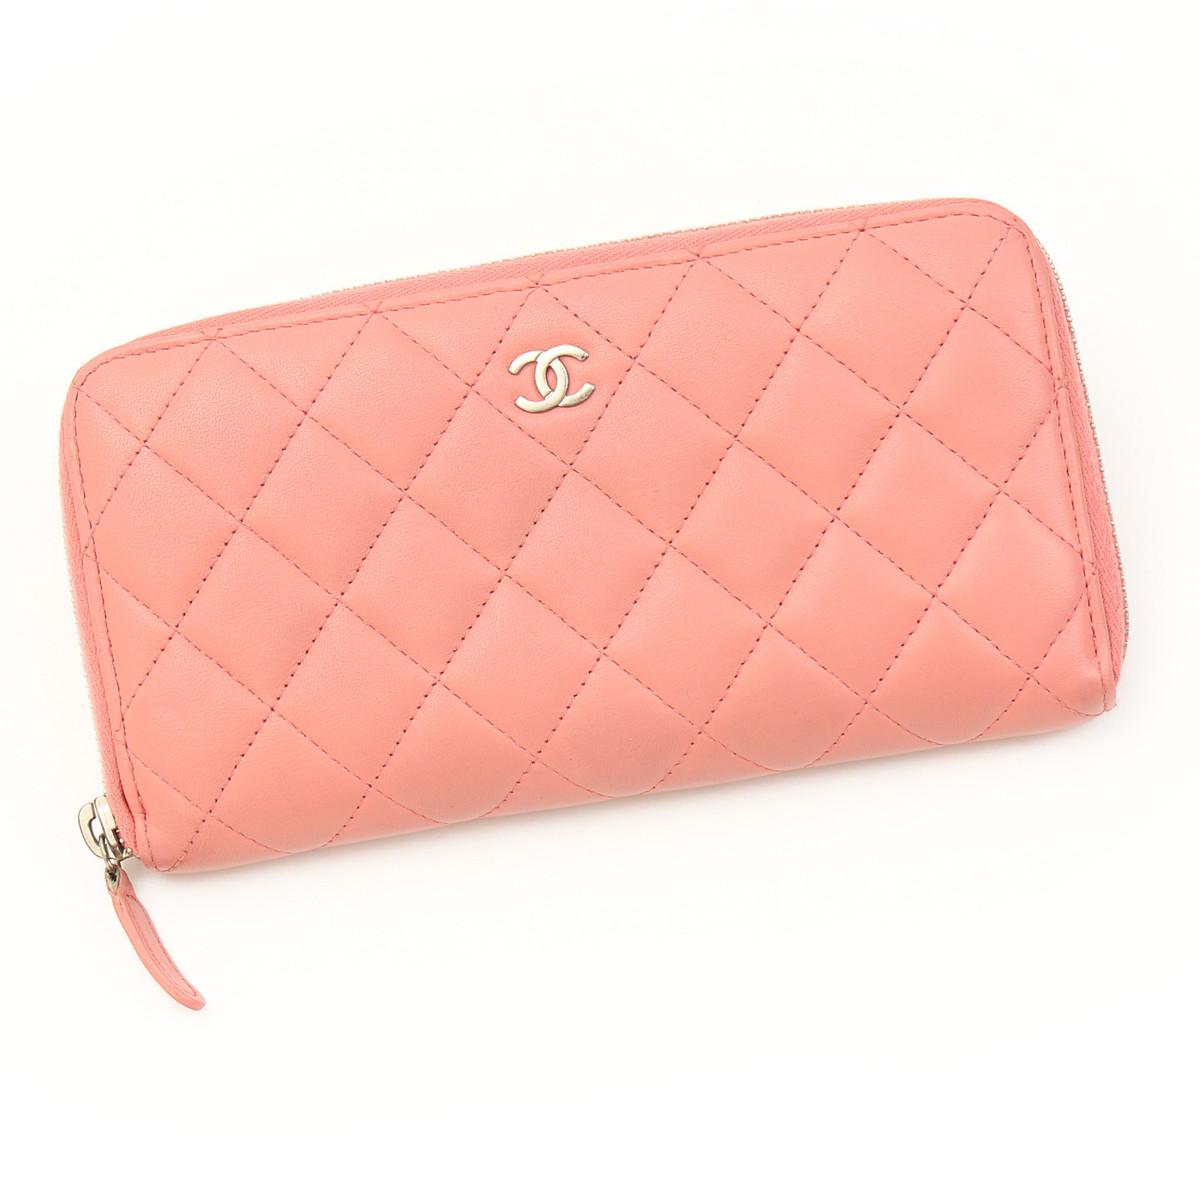 【シャネル】Chanel ラムスキン マトラッセ ラウンドファスナー 長財布 A50097 16番台 ピンク 【中古】【鑑定済・正規品保証】【送料無料】24975